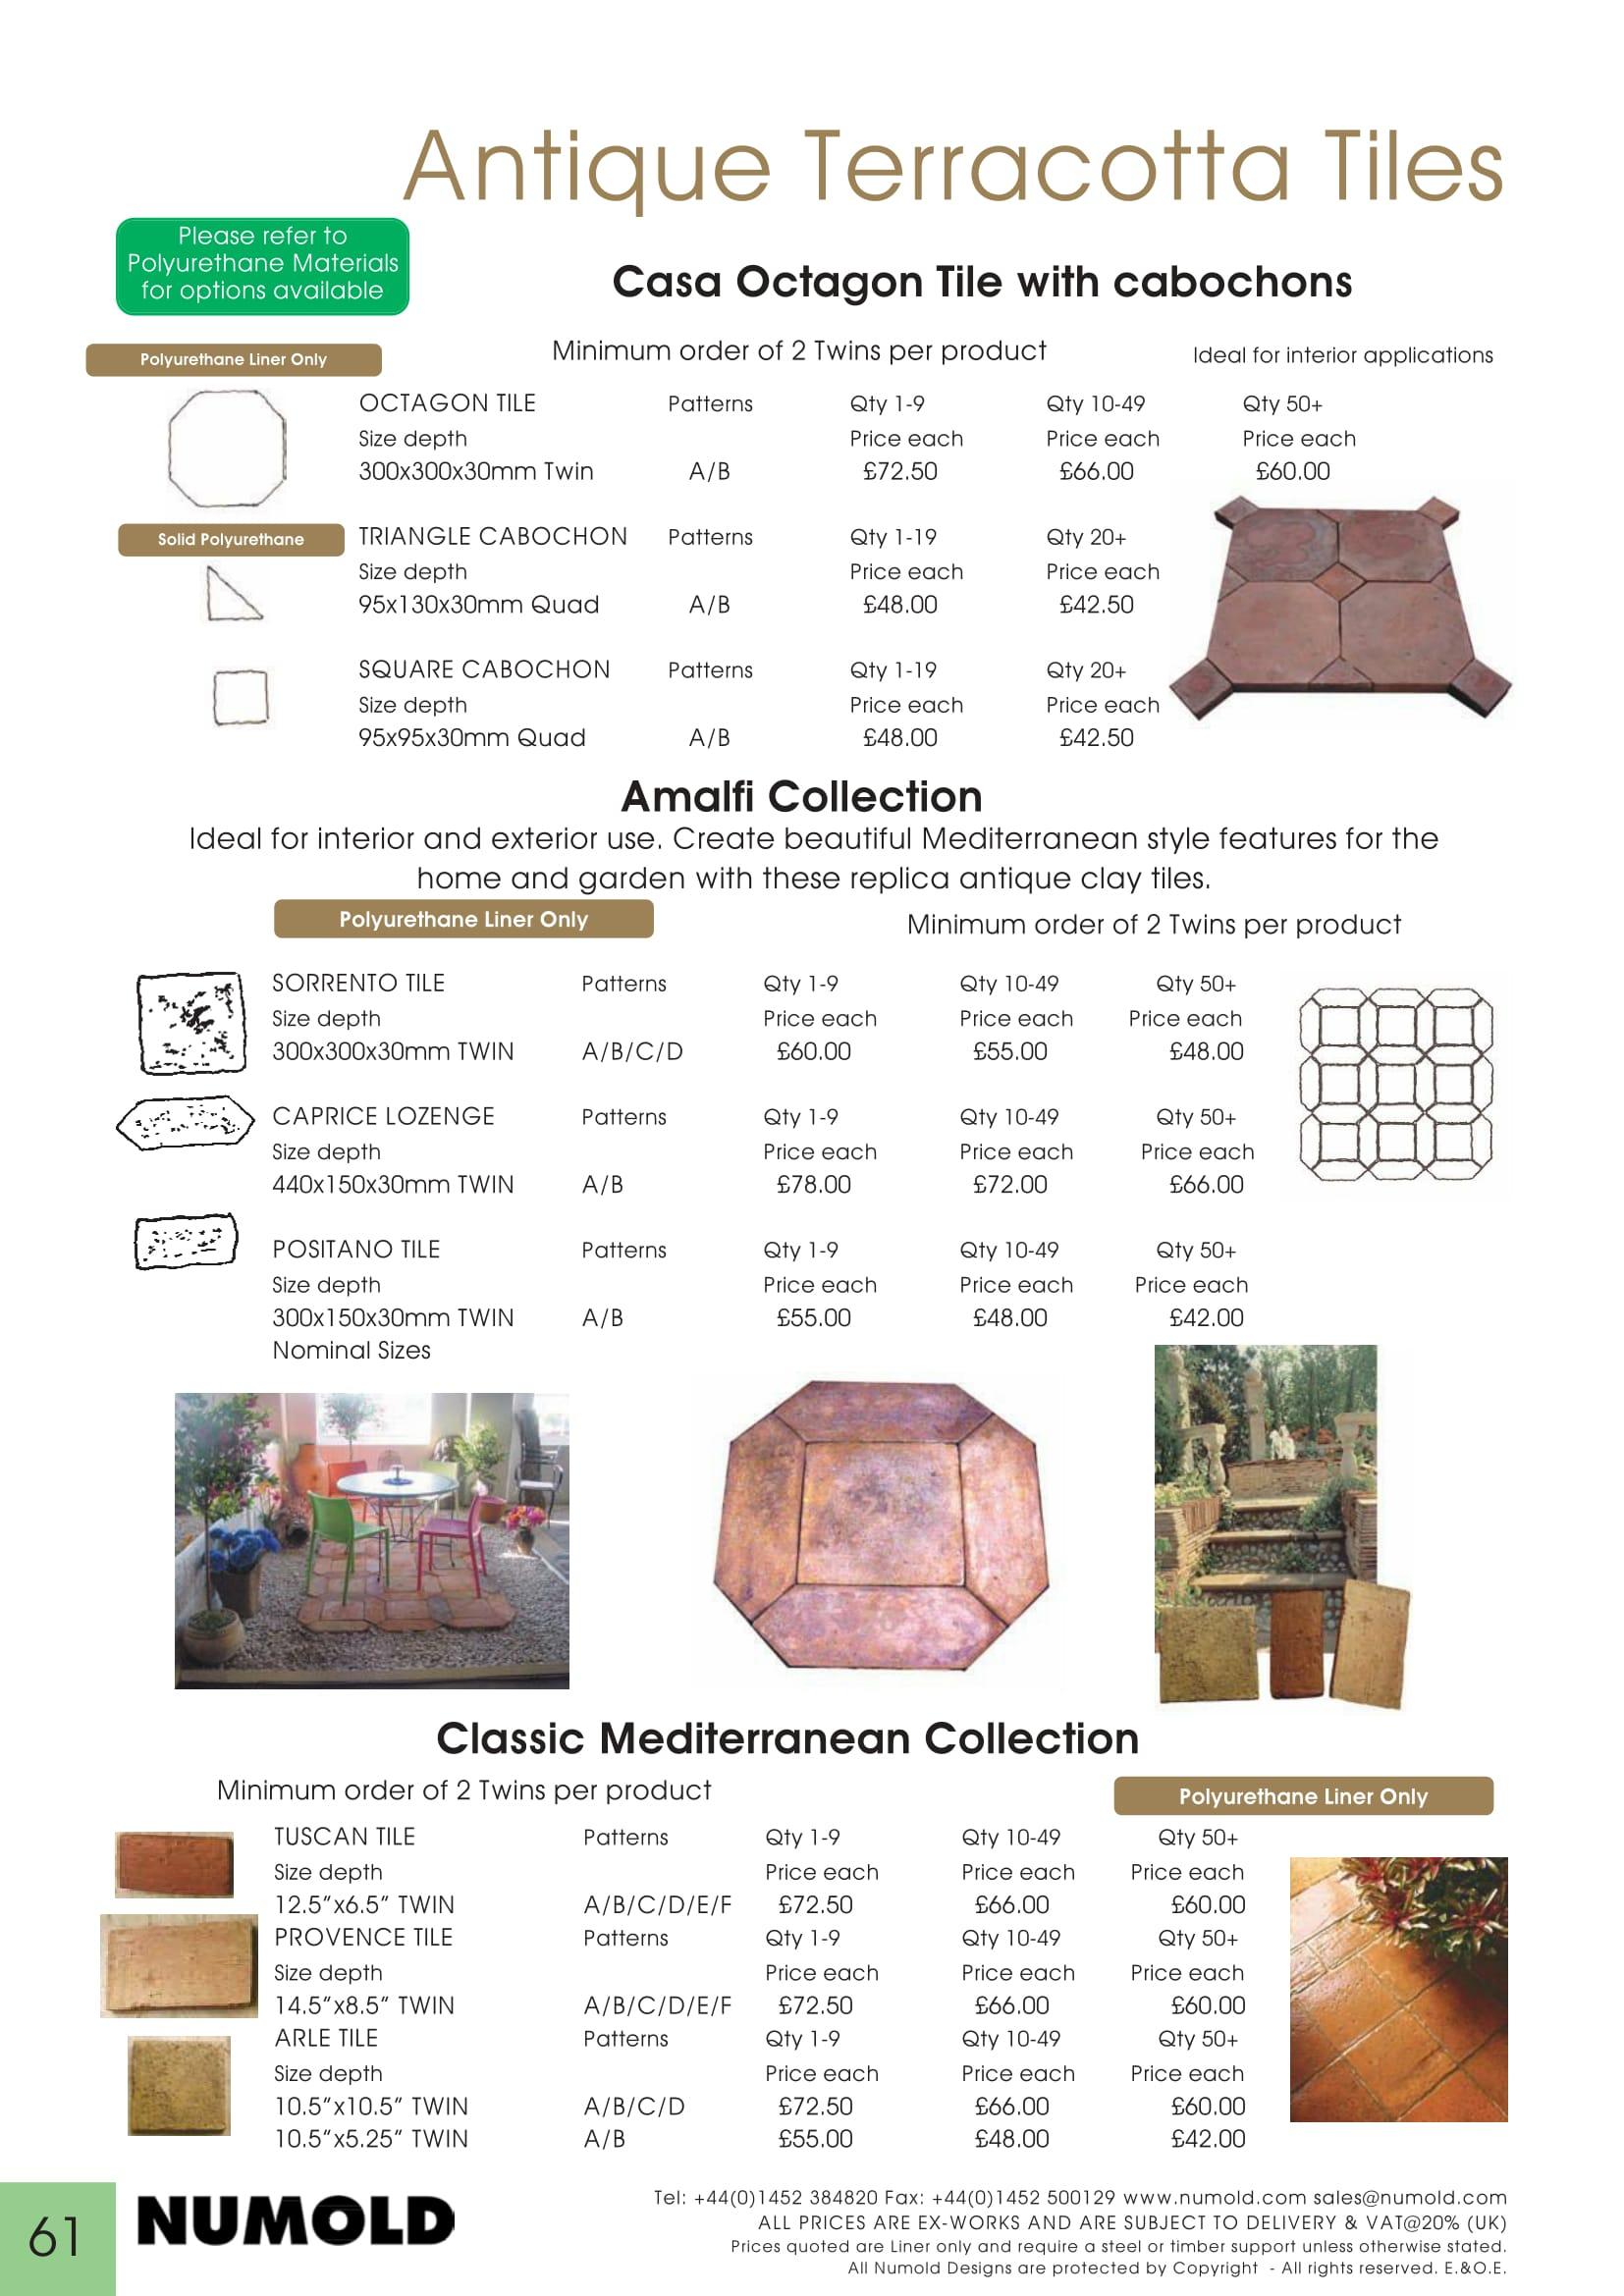 Numold-2017-Price-List-66